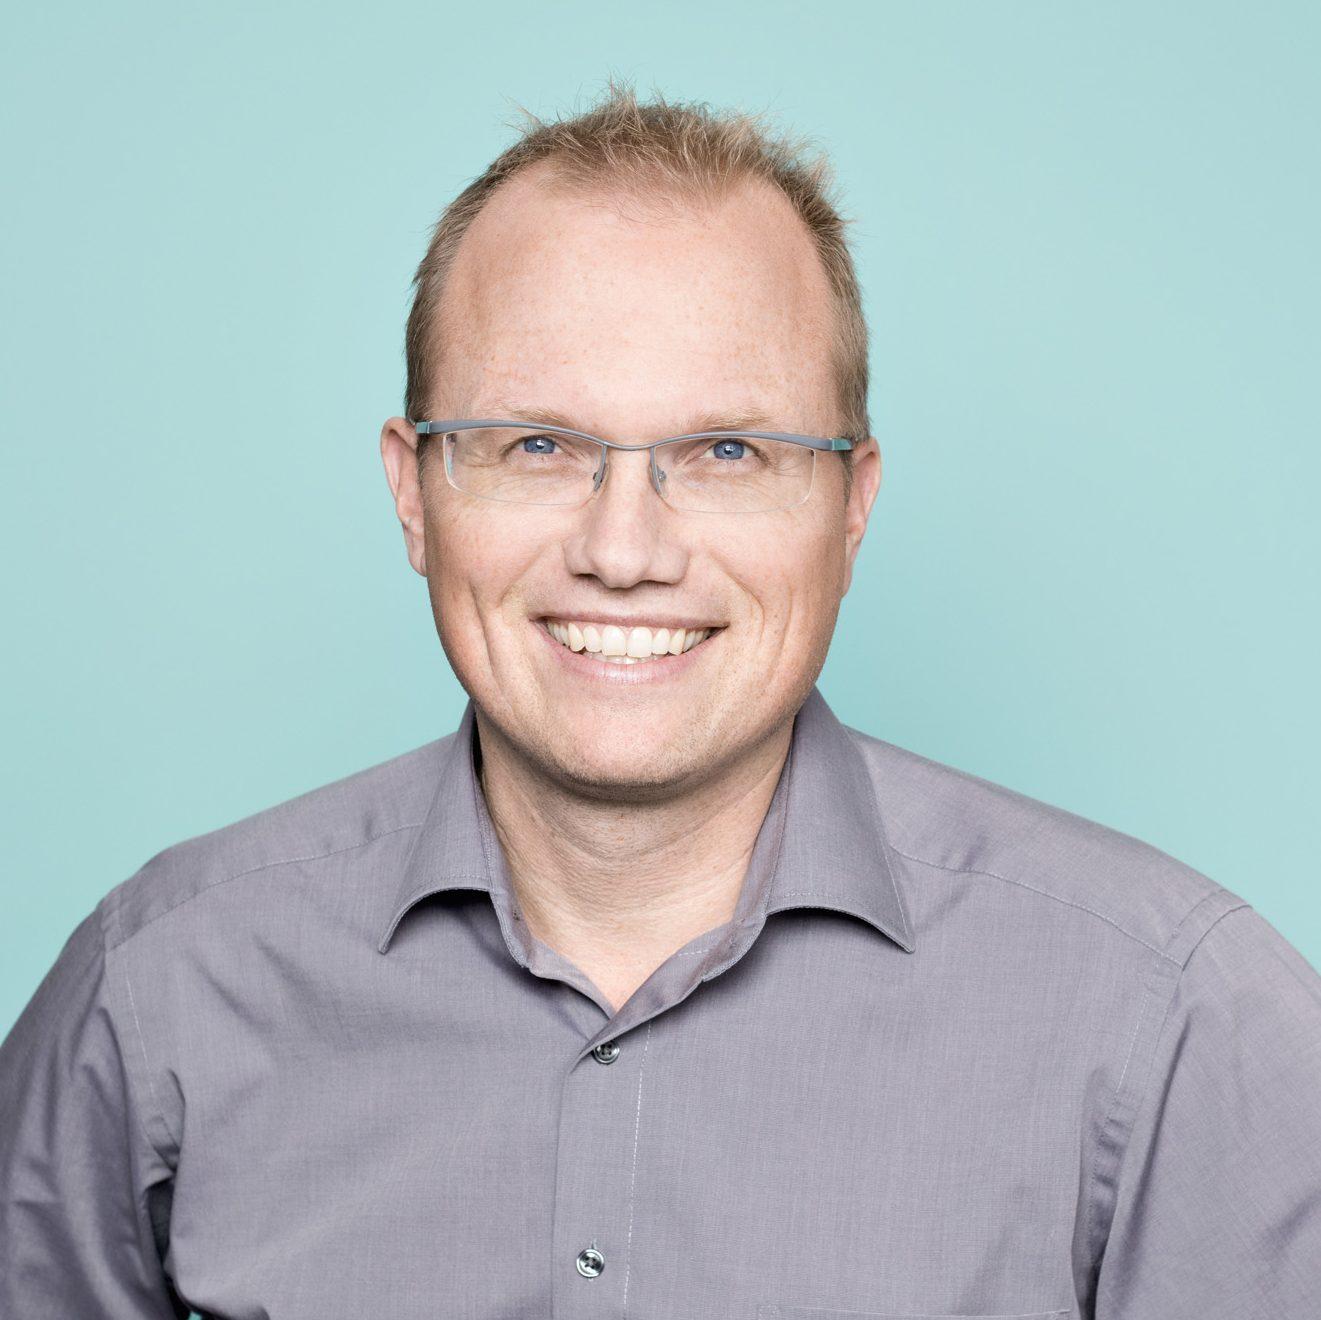 Porträtfoto von Jochen Ott, SPD NRW